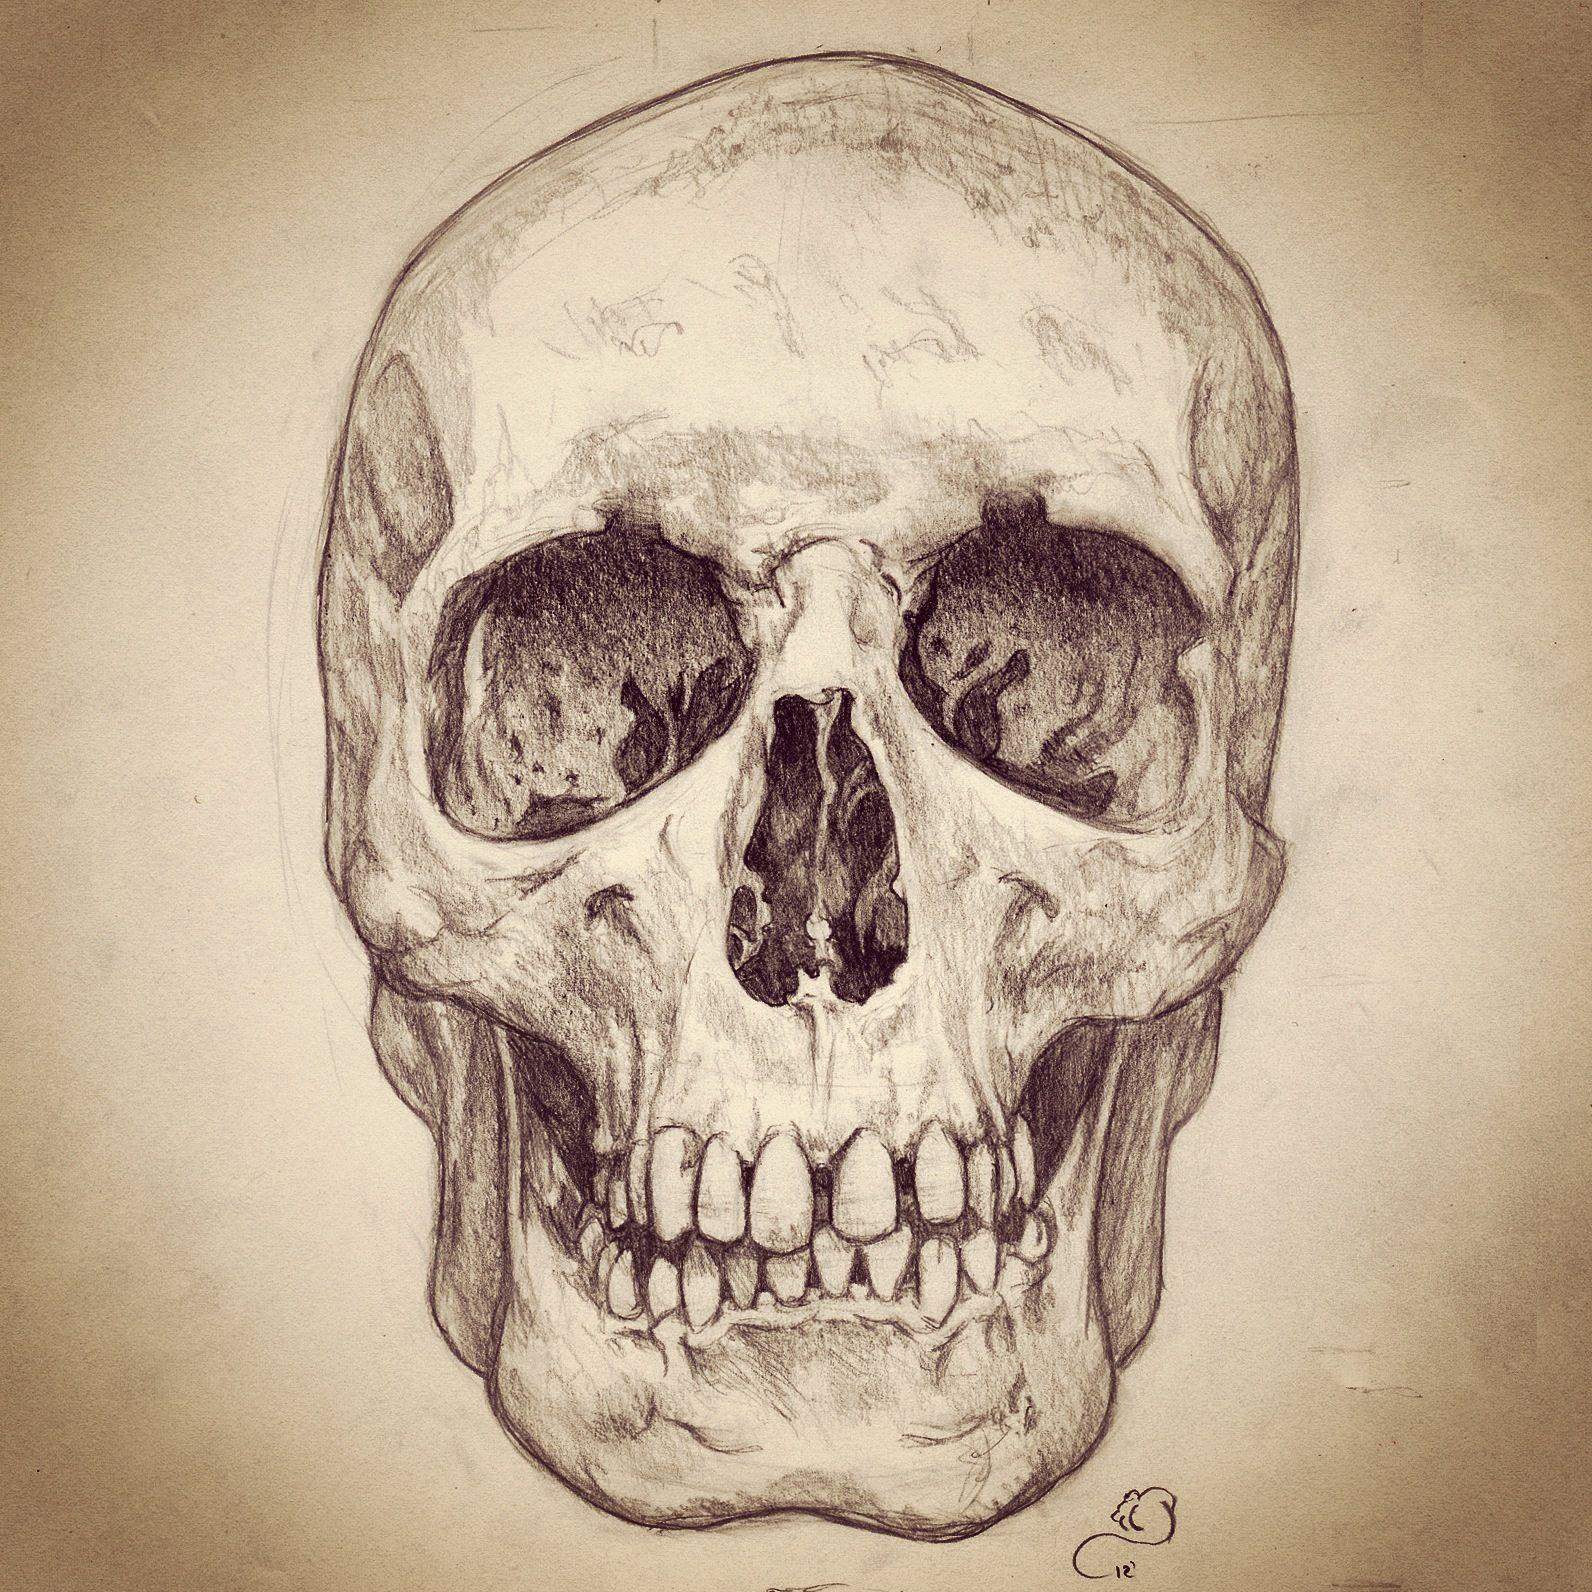 Pencil sketch of human skull skulls pinterest human skull